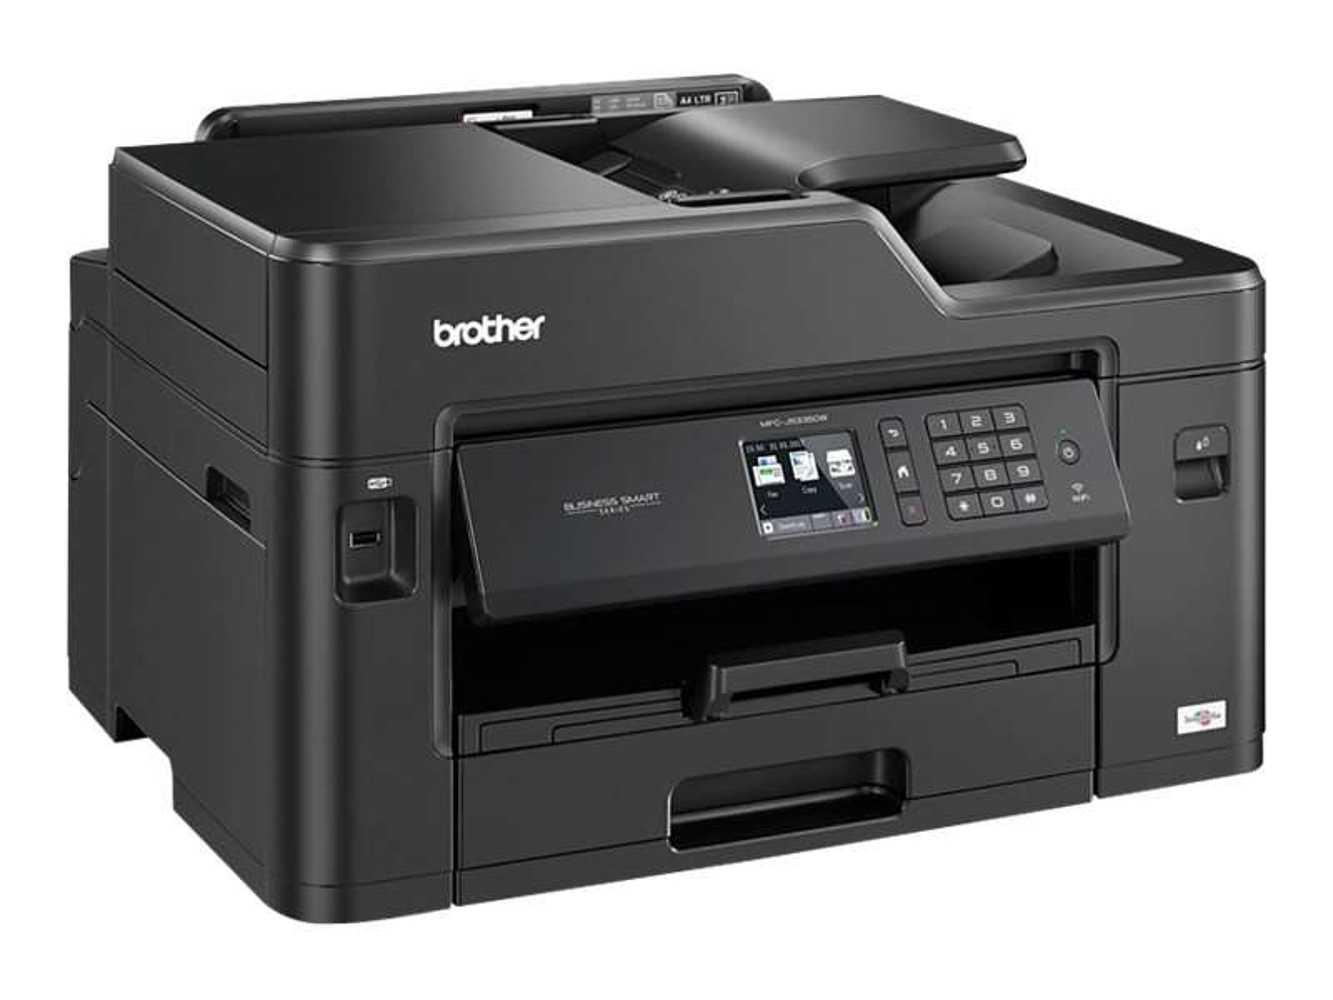 L''imprimante du mois 7b2ab652-23a6-4bfc-b7b6-342eacc6ccccbis